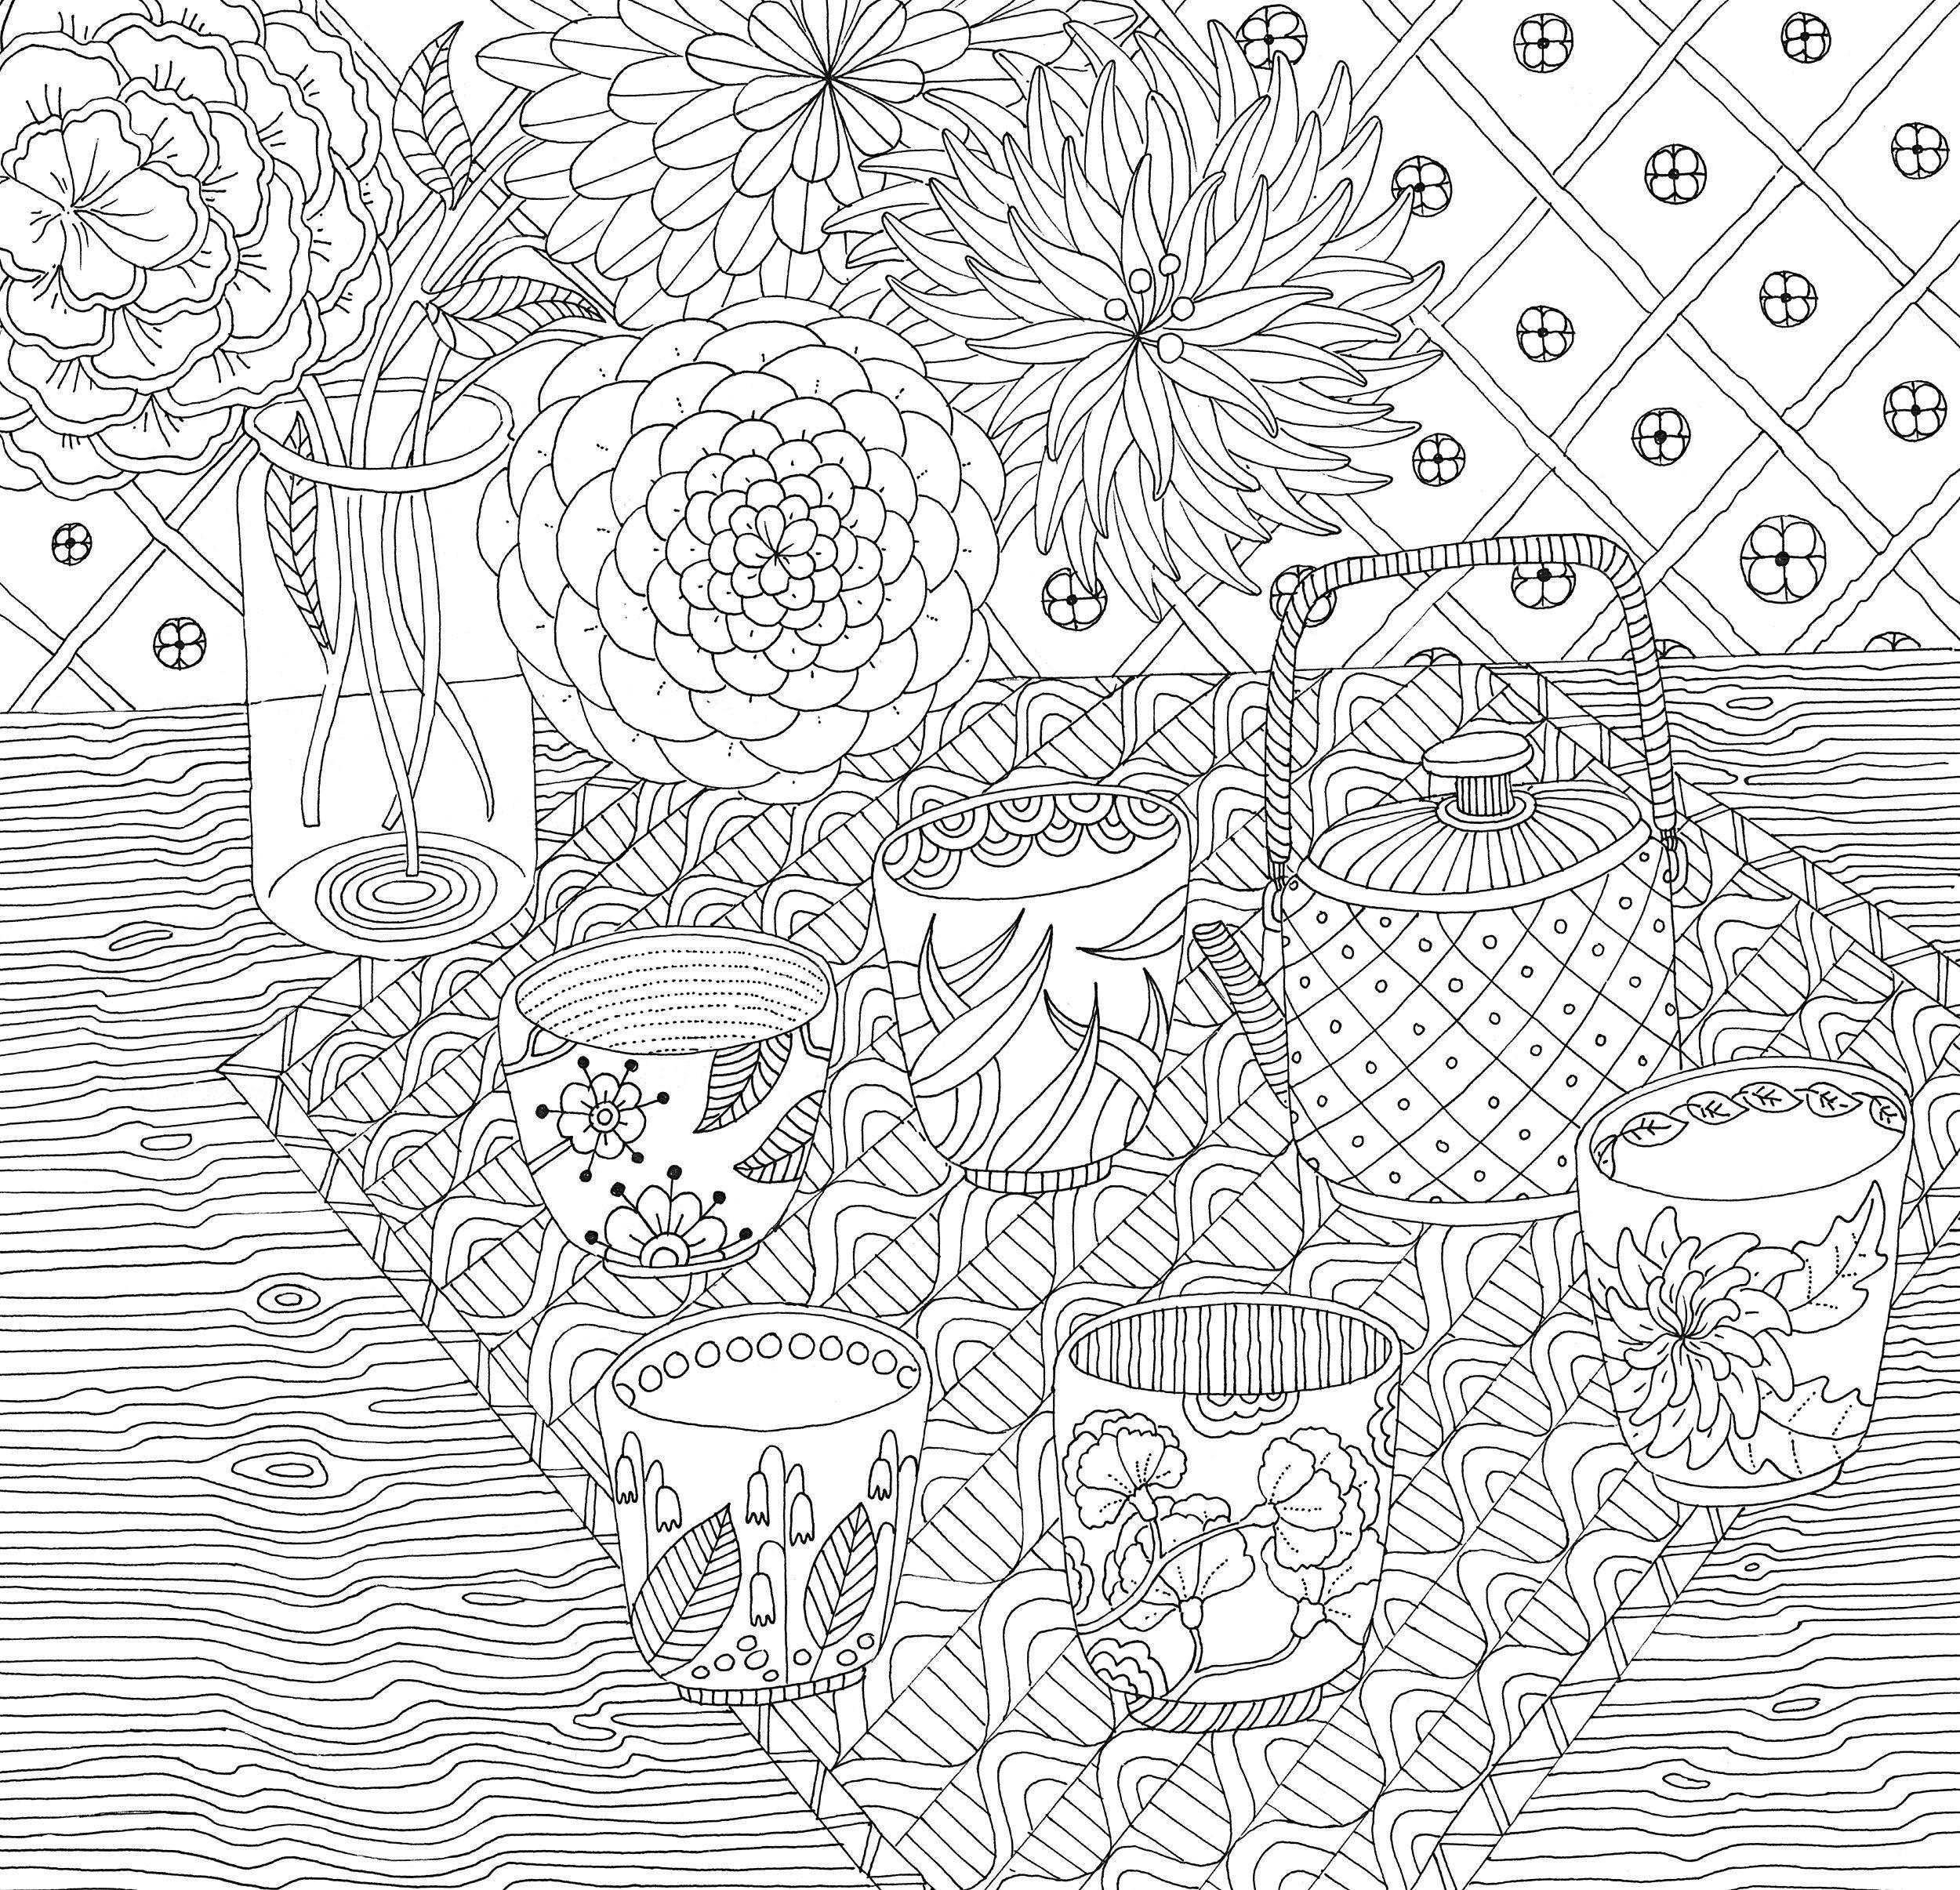 Zen Garden Adult Coloring Book 31 stressrelieving